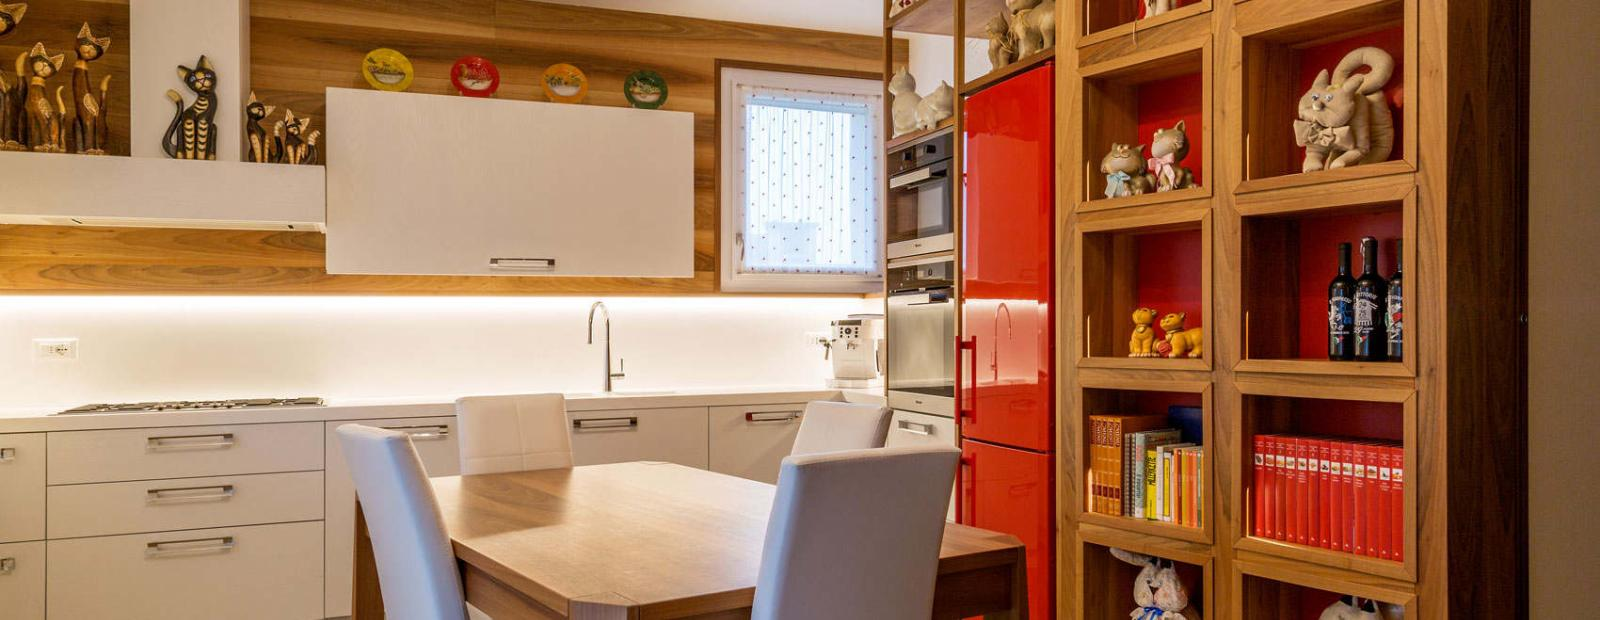 La bottega del falegname jesolo falegnameria jesolo for Casa moderna jesolo